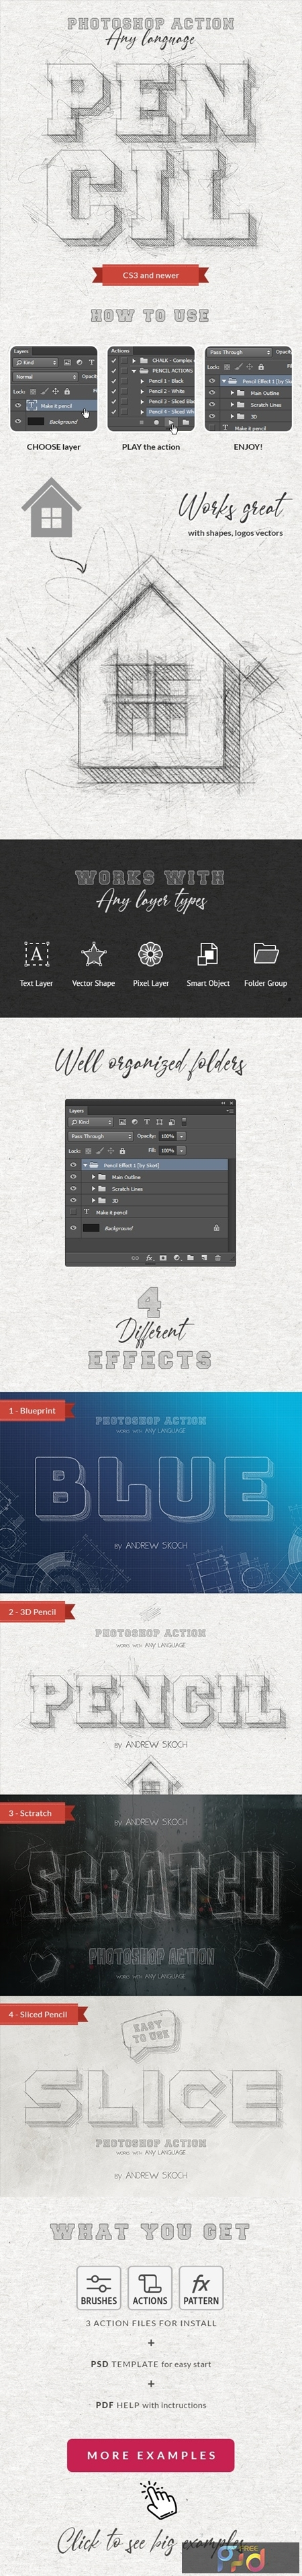 Pencil Sketch - Photoshop Action 25488367 1